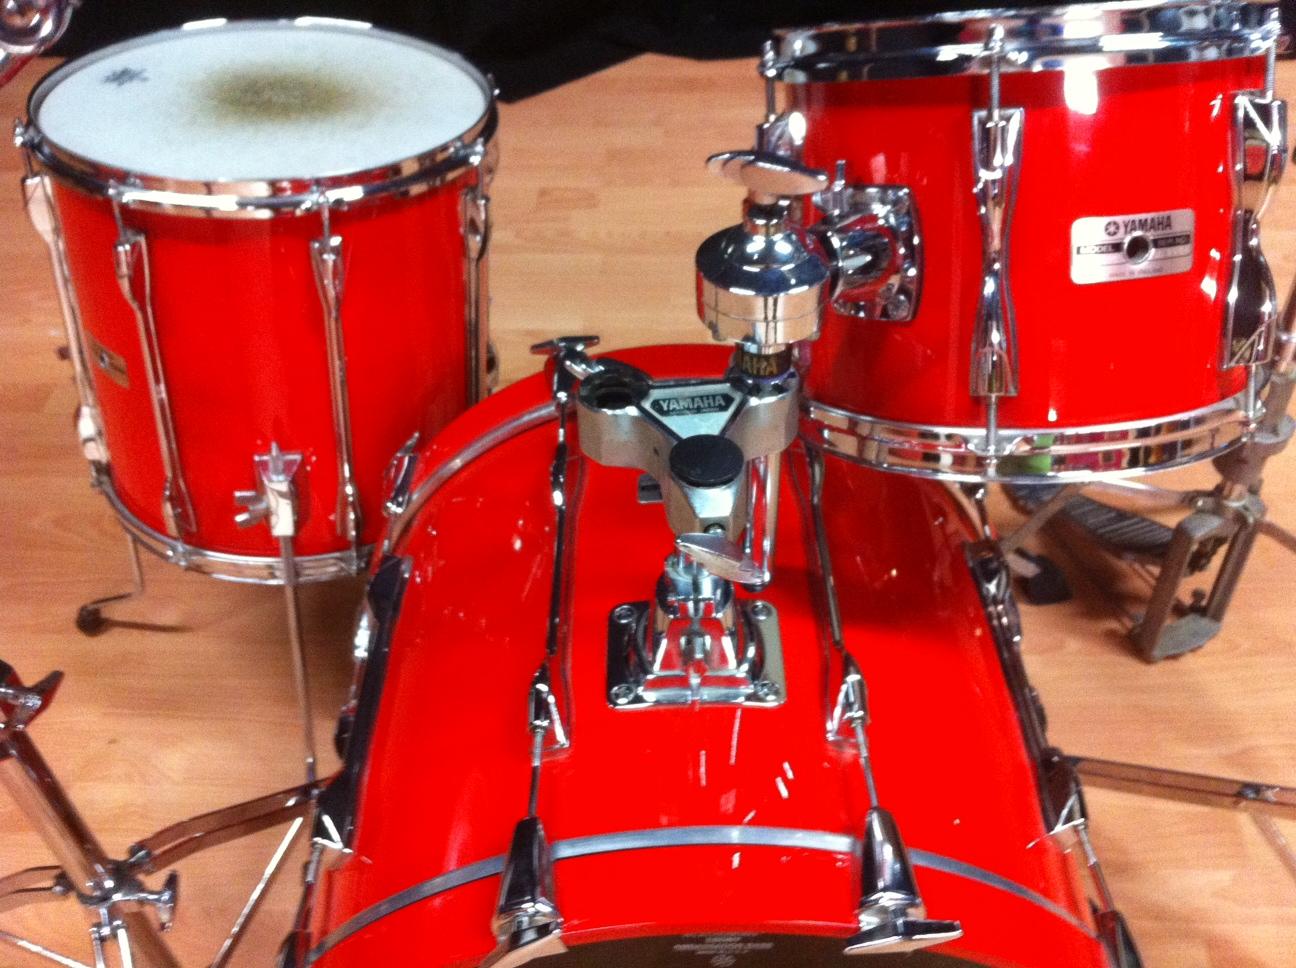 Best Drum Heads For Yamaha Recording Custom : yamaha recording custom image 476761 audiofanzine ~ Russianpoet.info Haus und Dekorationen